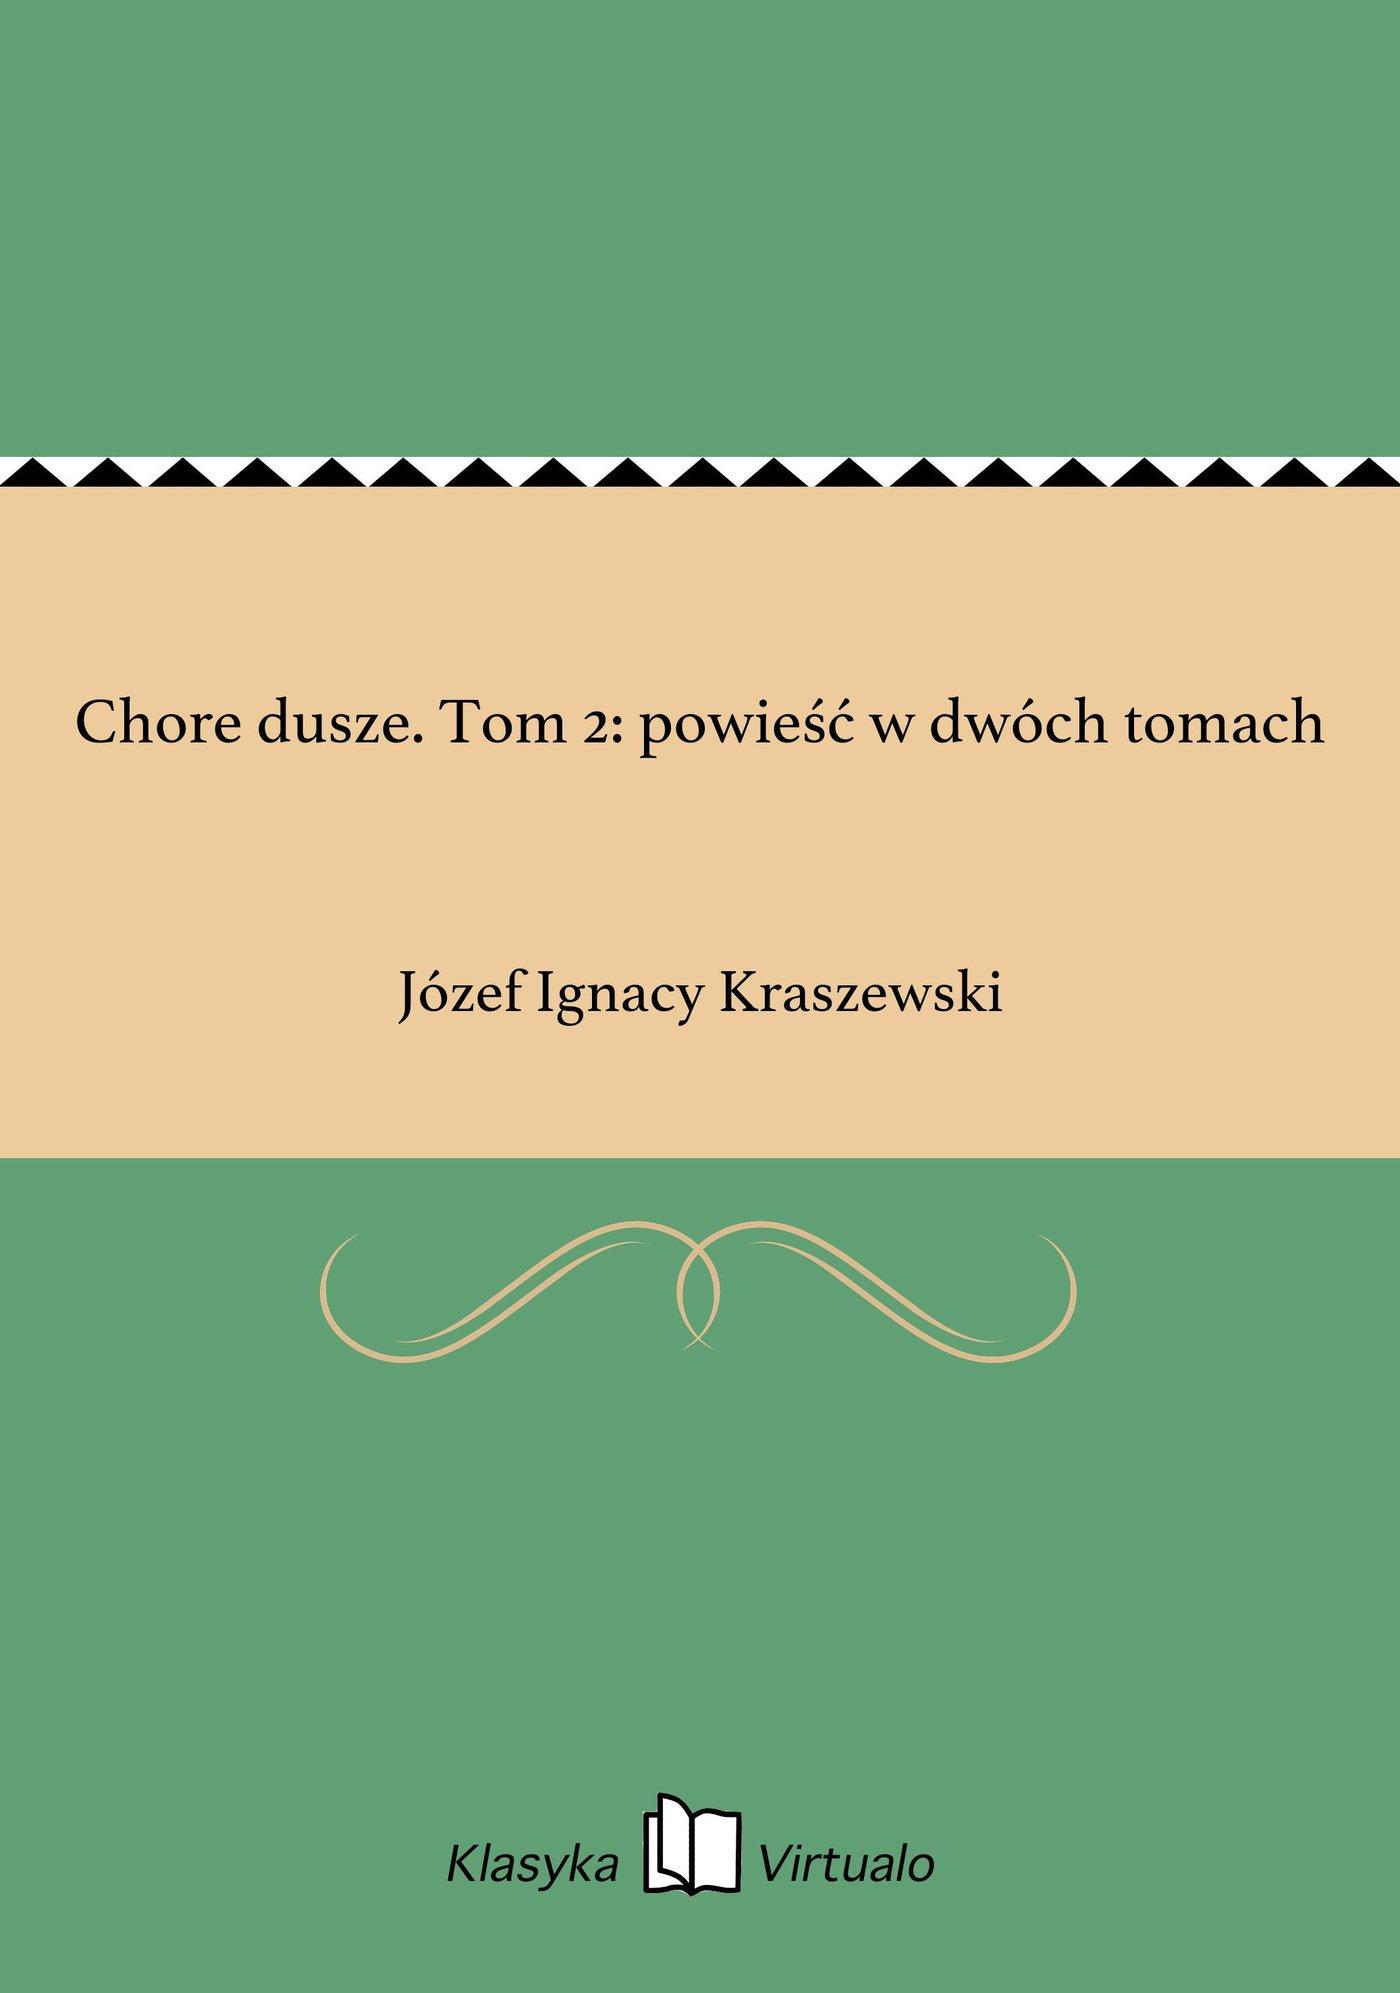 Chore dusze. Tom 2: powieść w dwóch tomach - Ebook (Książka EPUB) do pobrania w formacie EPUB